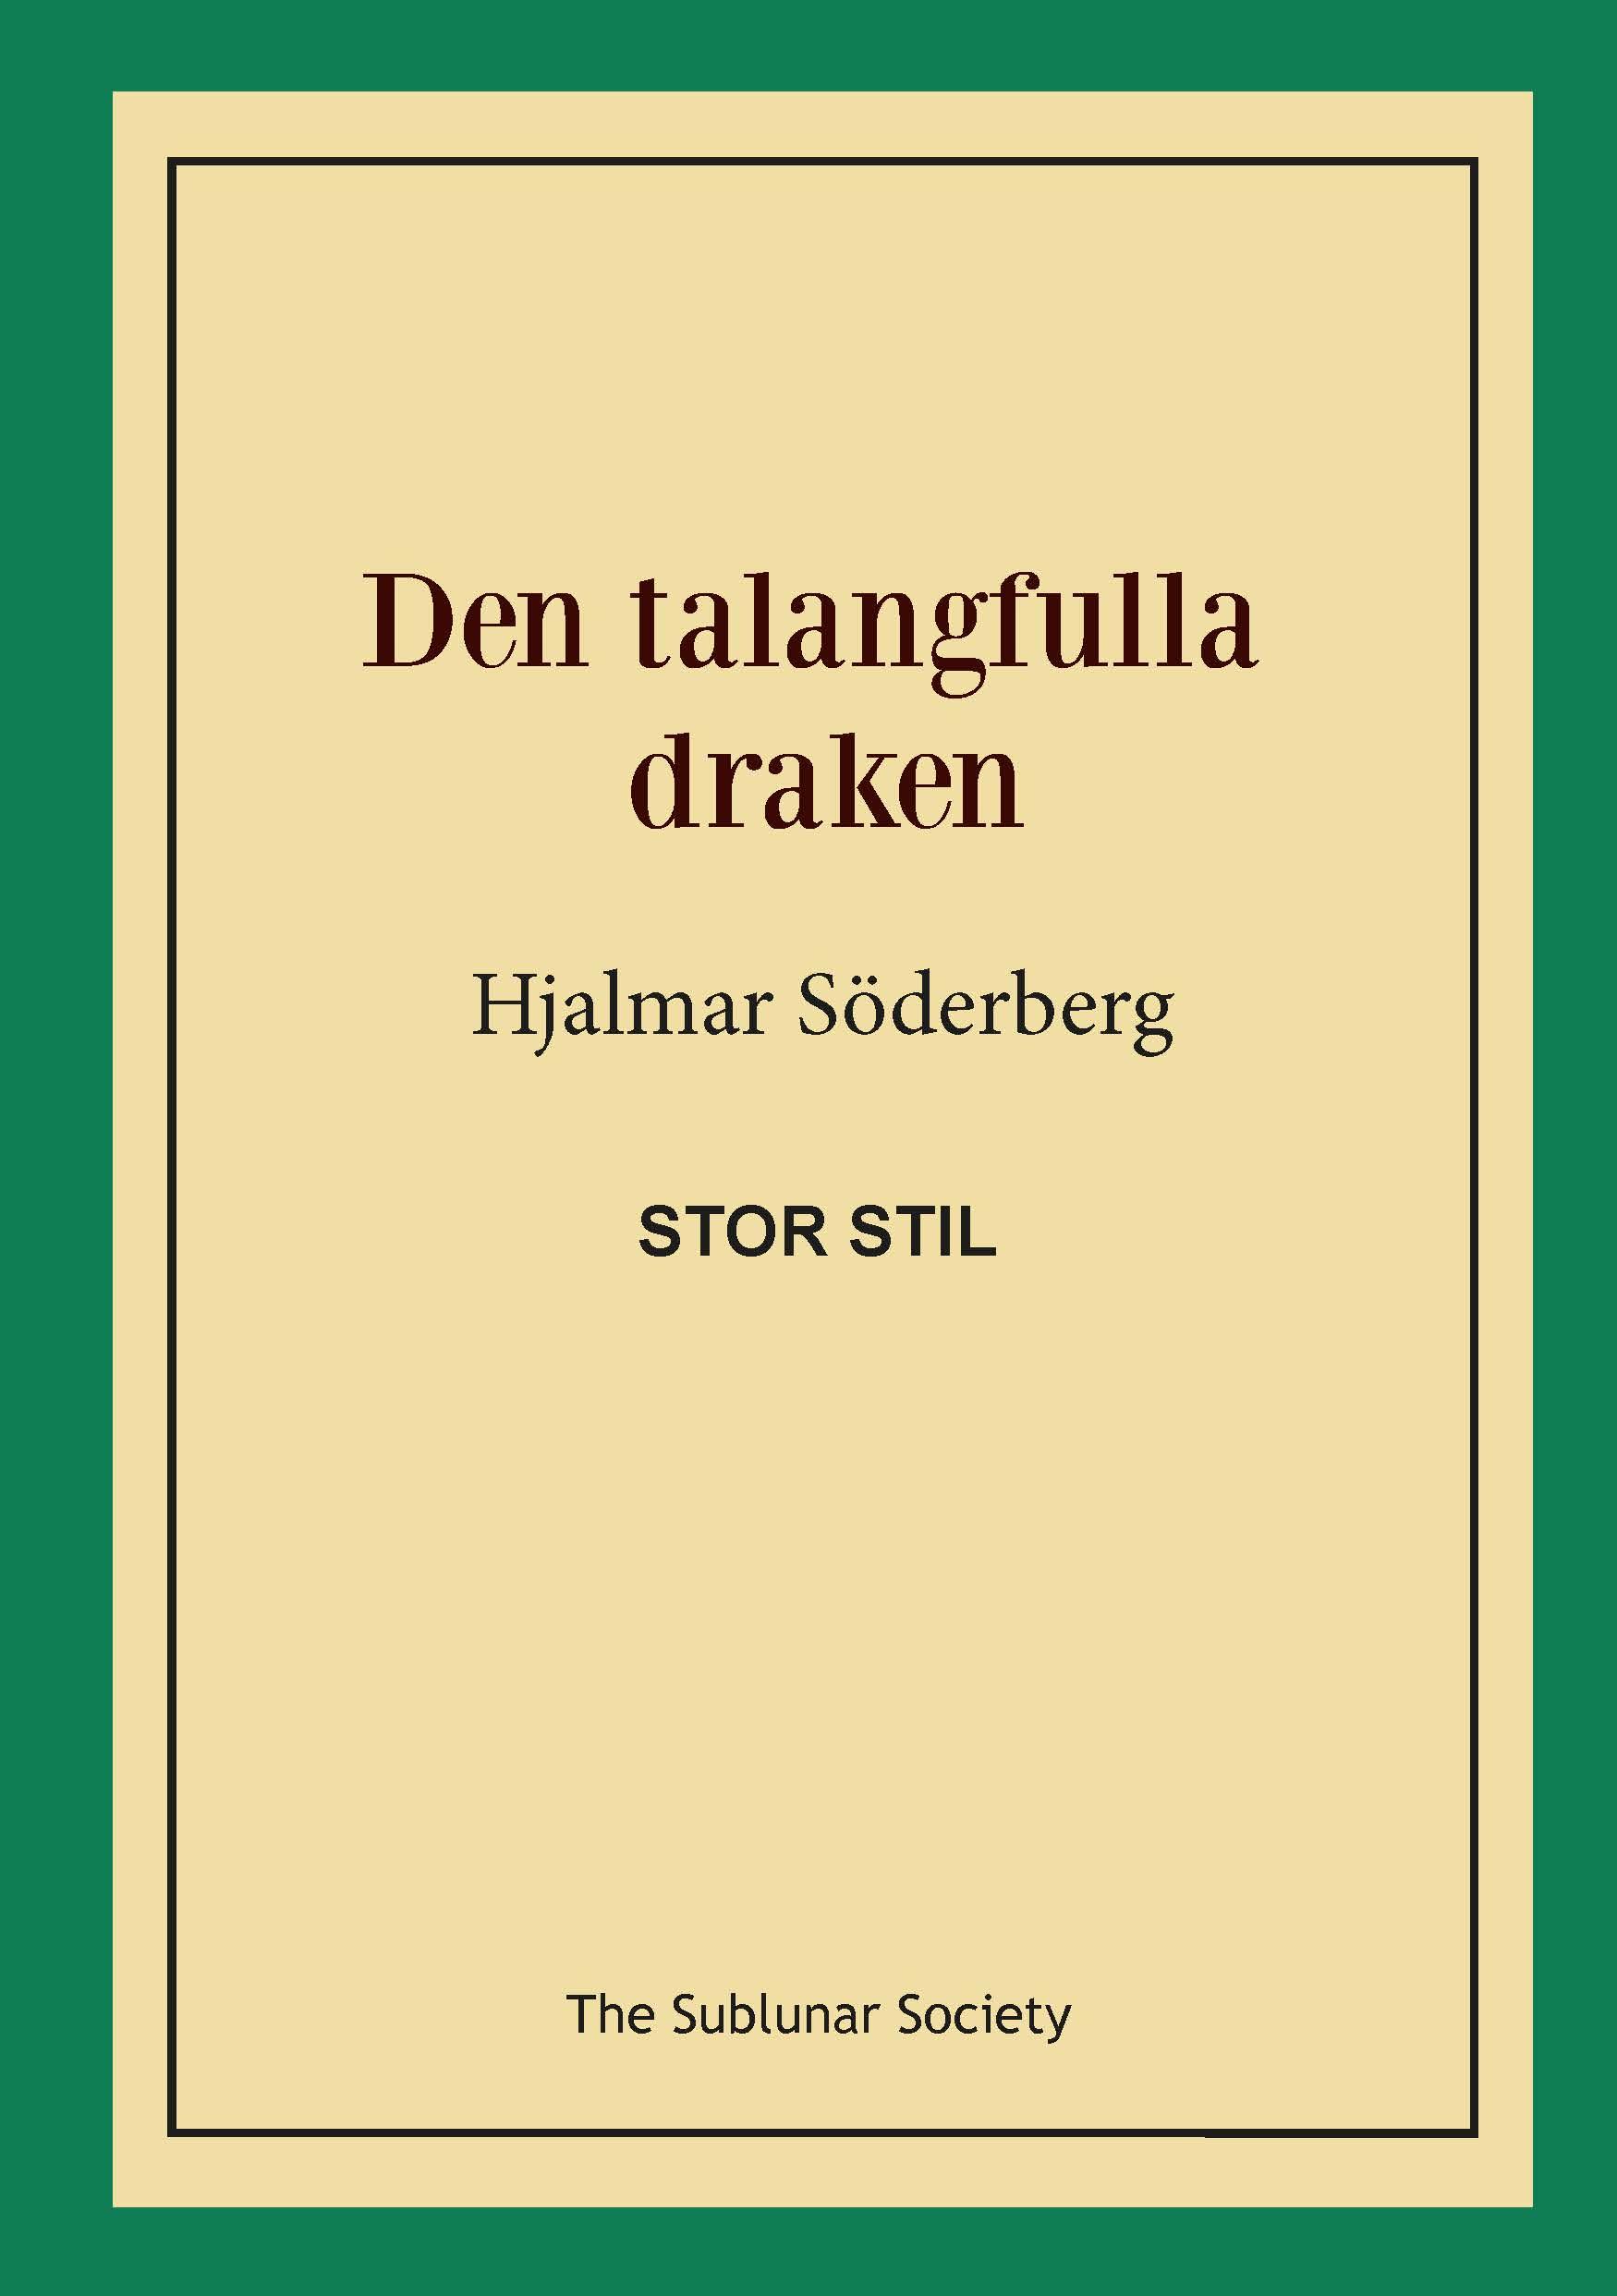 Den talangfulla draken (stor stil) av Hjalmar Söderberg